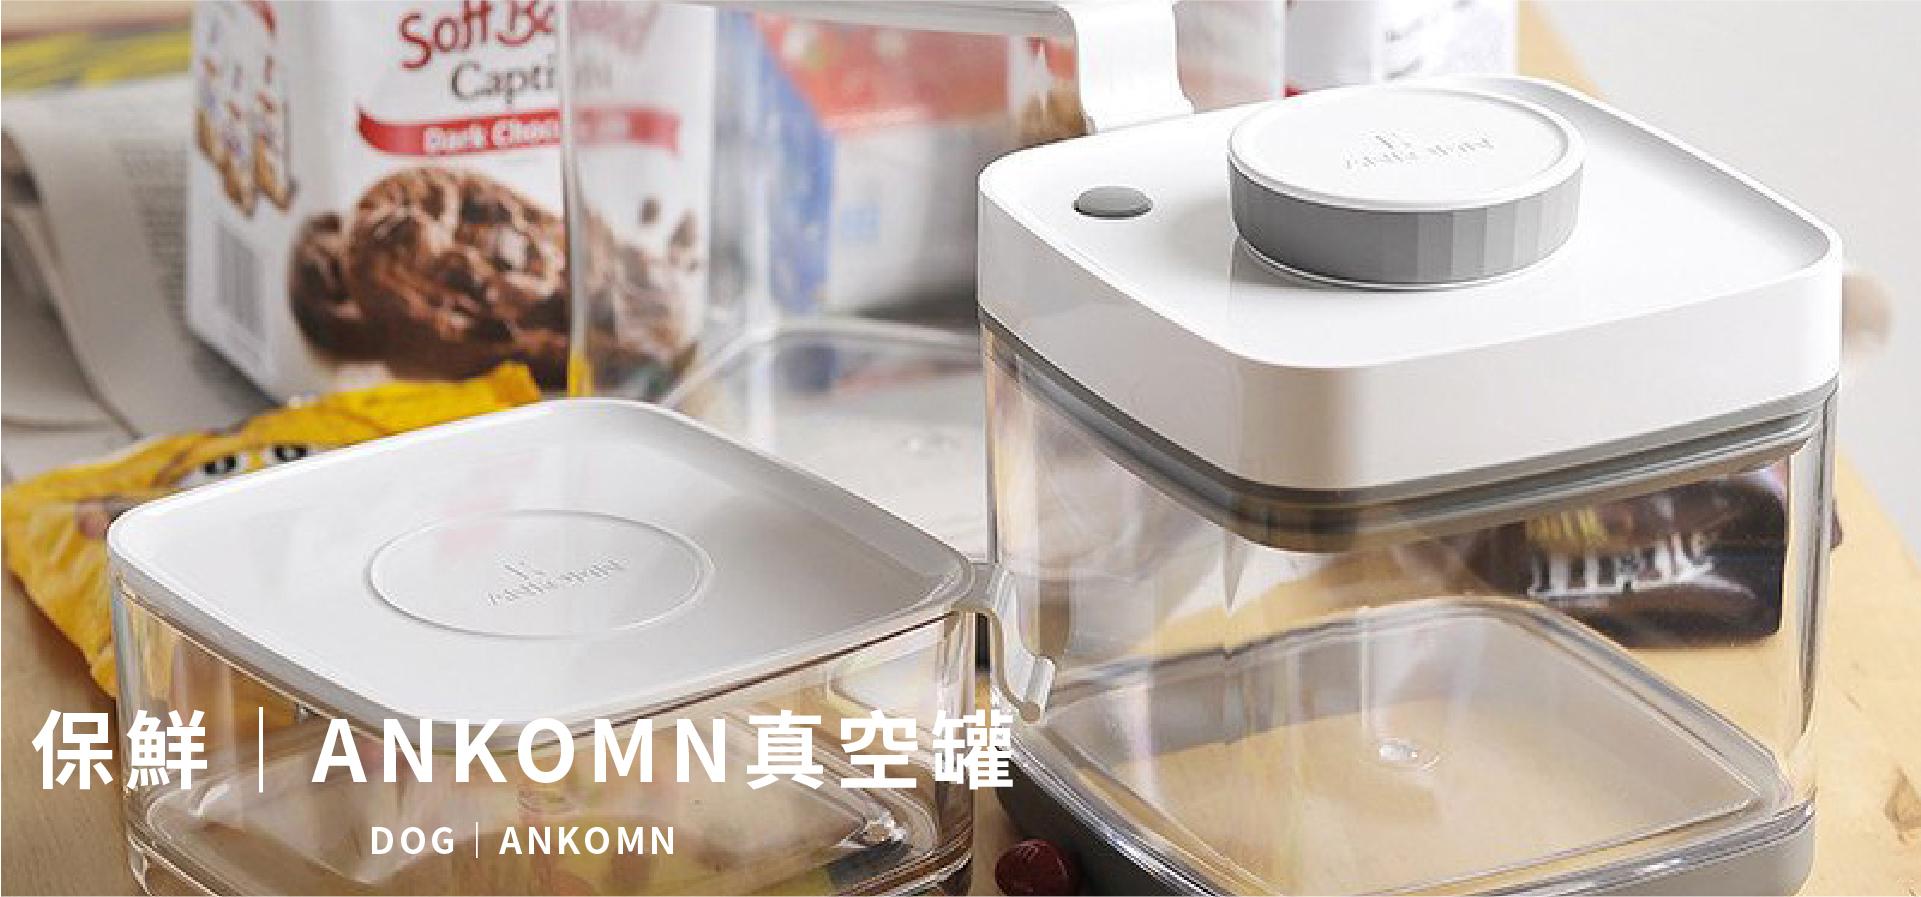 台灣製ANKOMN食品真空氣密罐